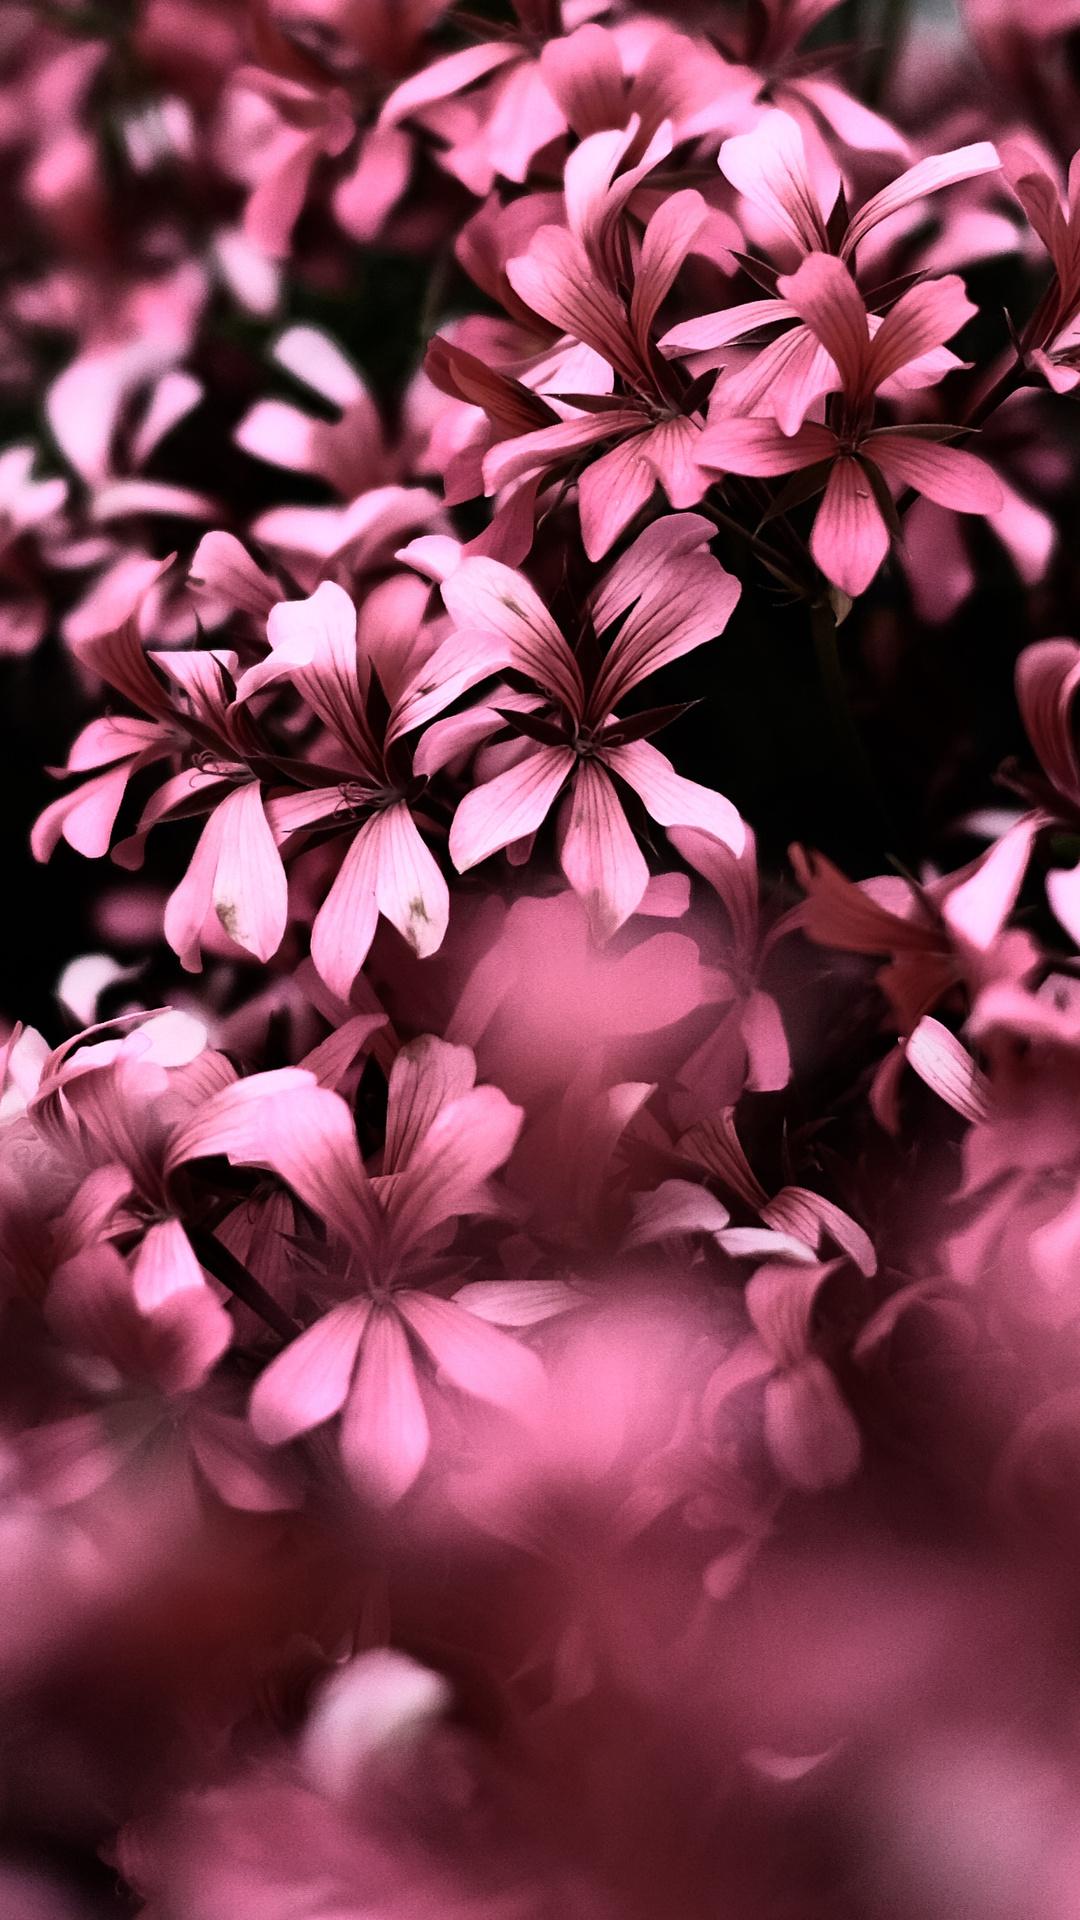 1080x1920 Pink Flowers Ultra Hd Blur 4k Iphone 7 6s 6 Plus